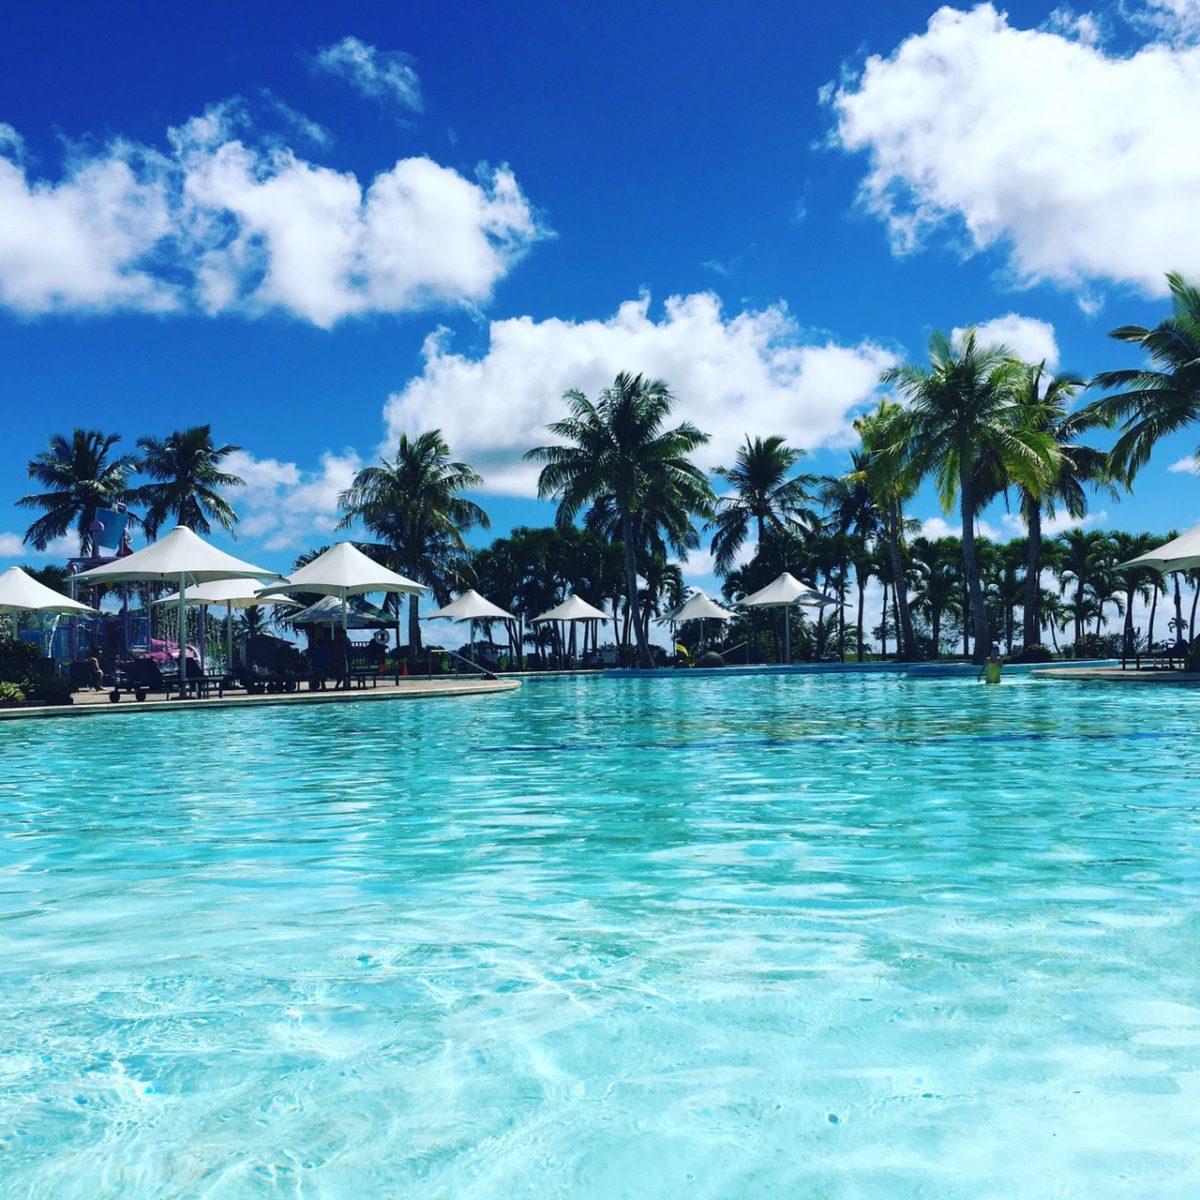 あそびば大忘年会! グアム リゾートホテル ペア宿泊券が当たるビンゴ大会もあるよ!